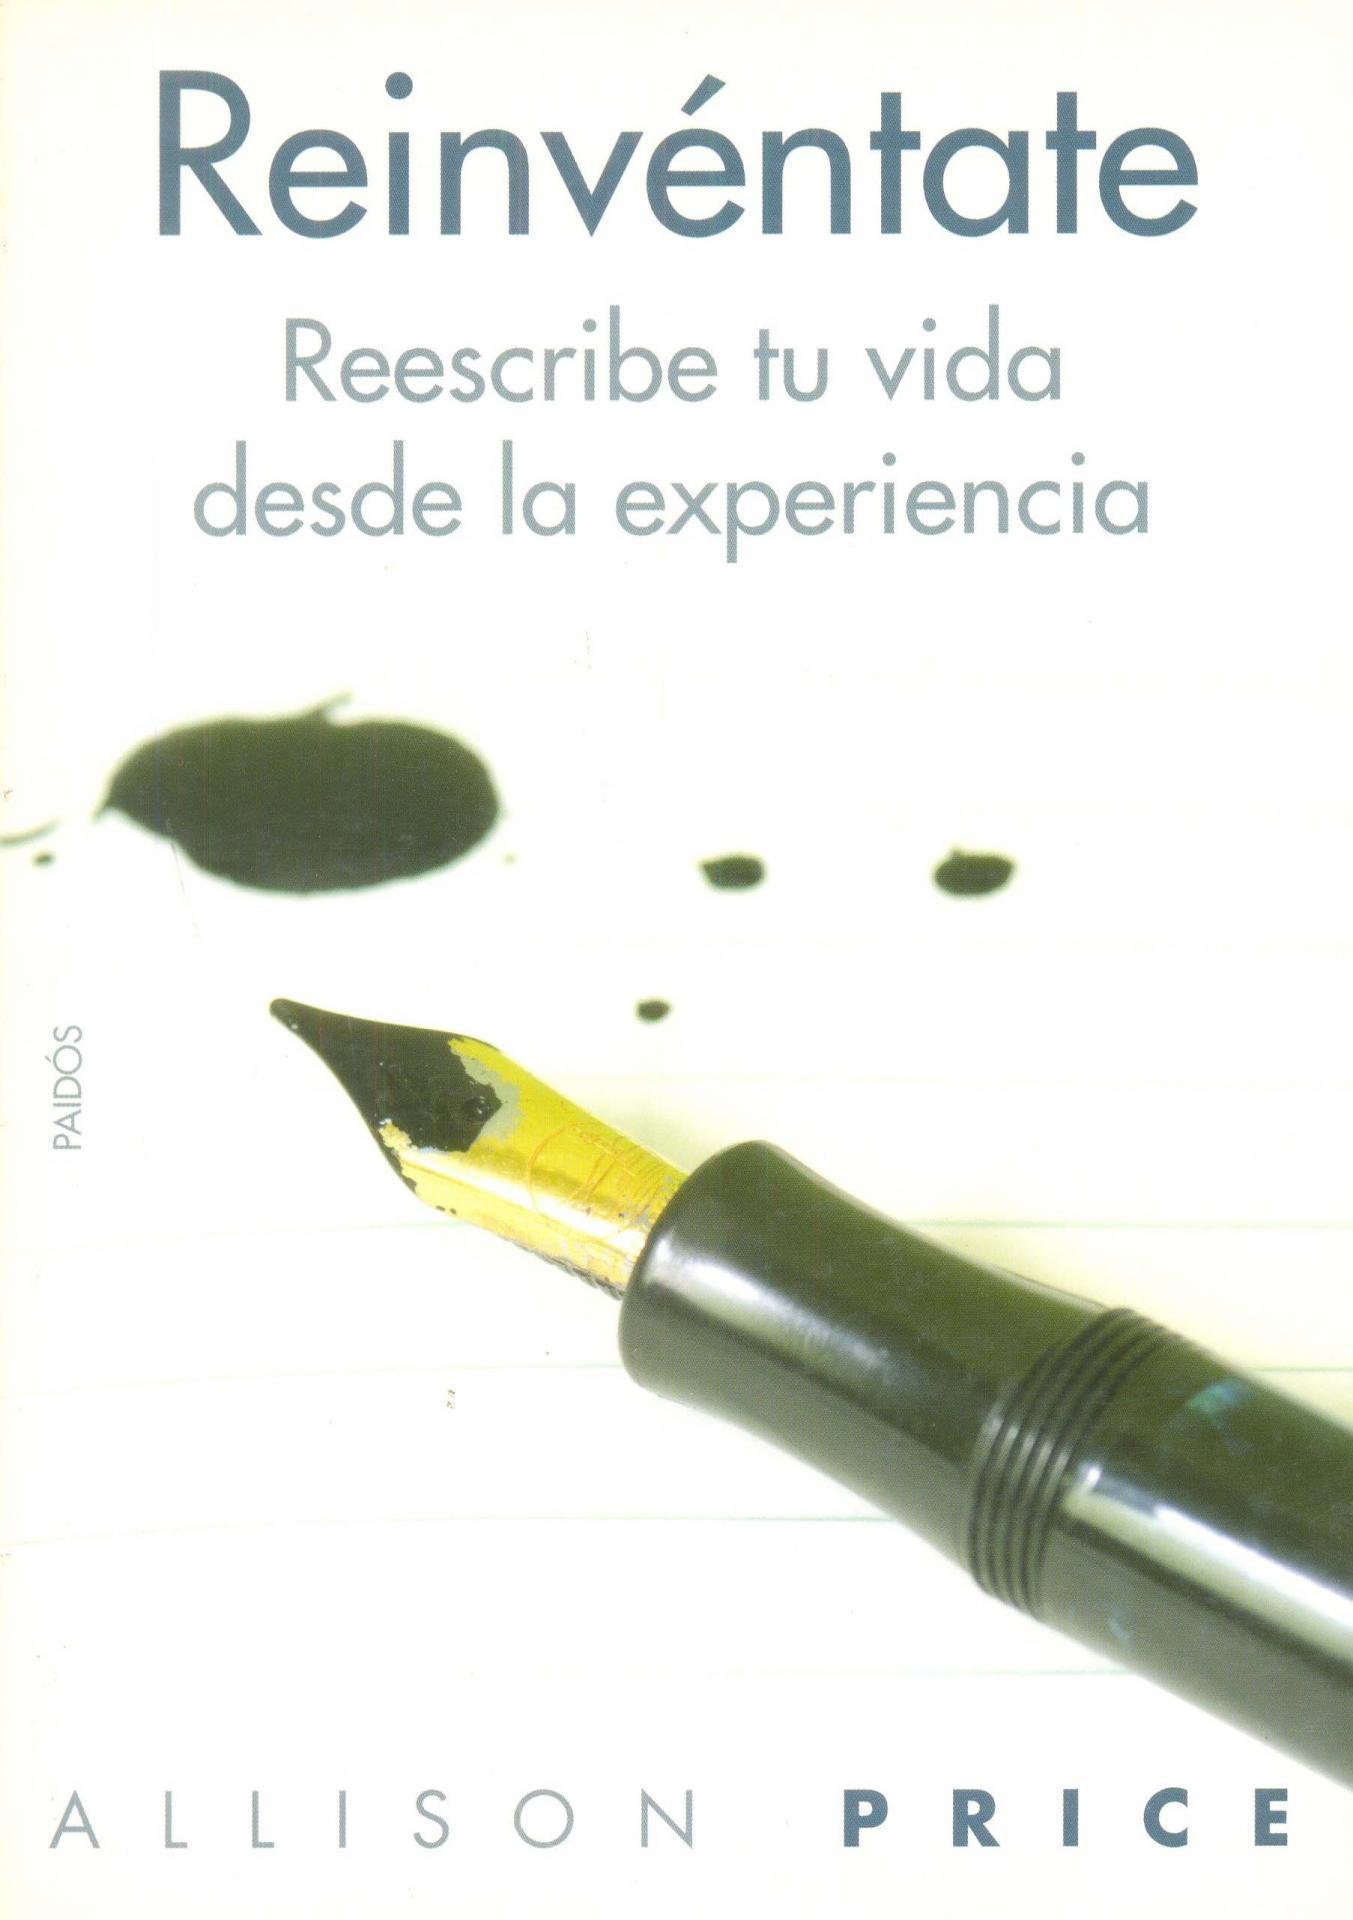 REINVÉNTATE. Reescribe tu vida desde la experiencia. Price, A.